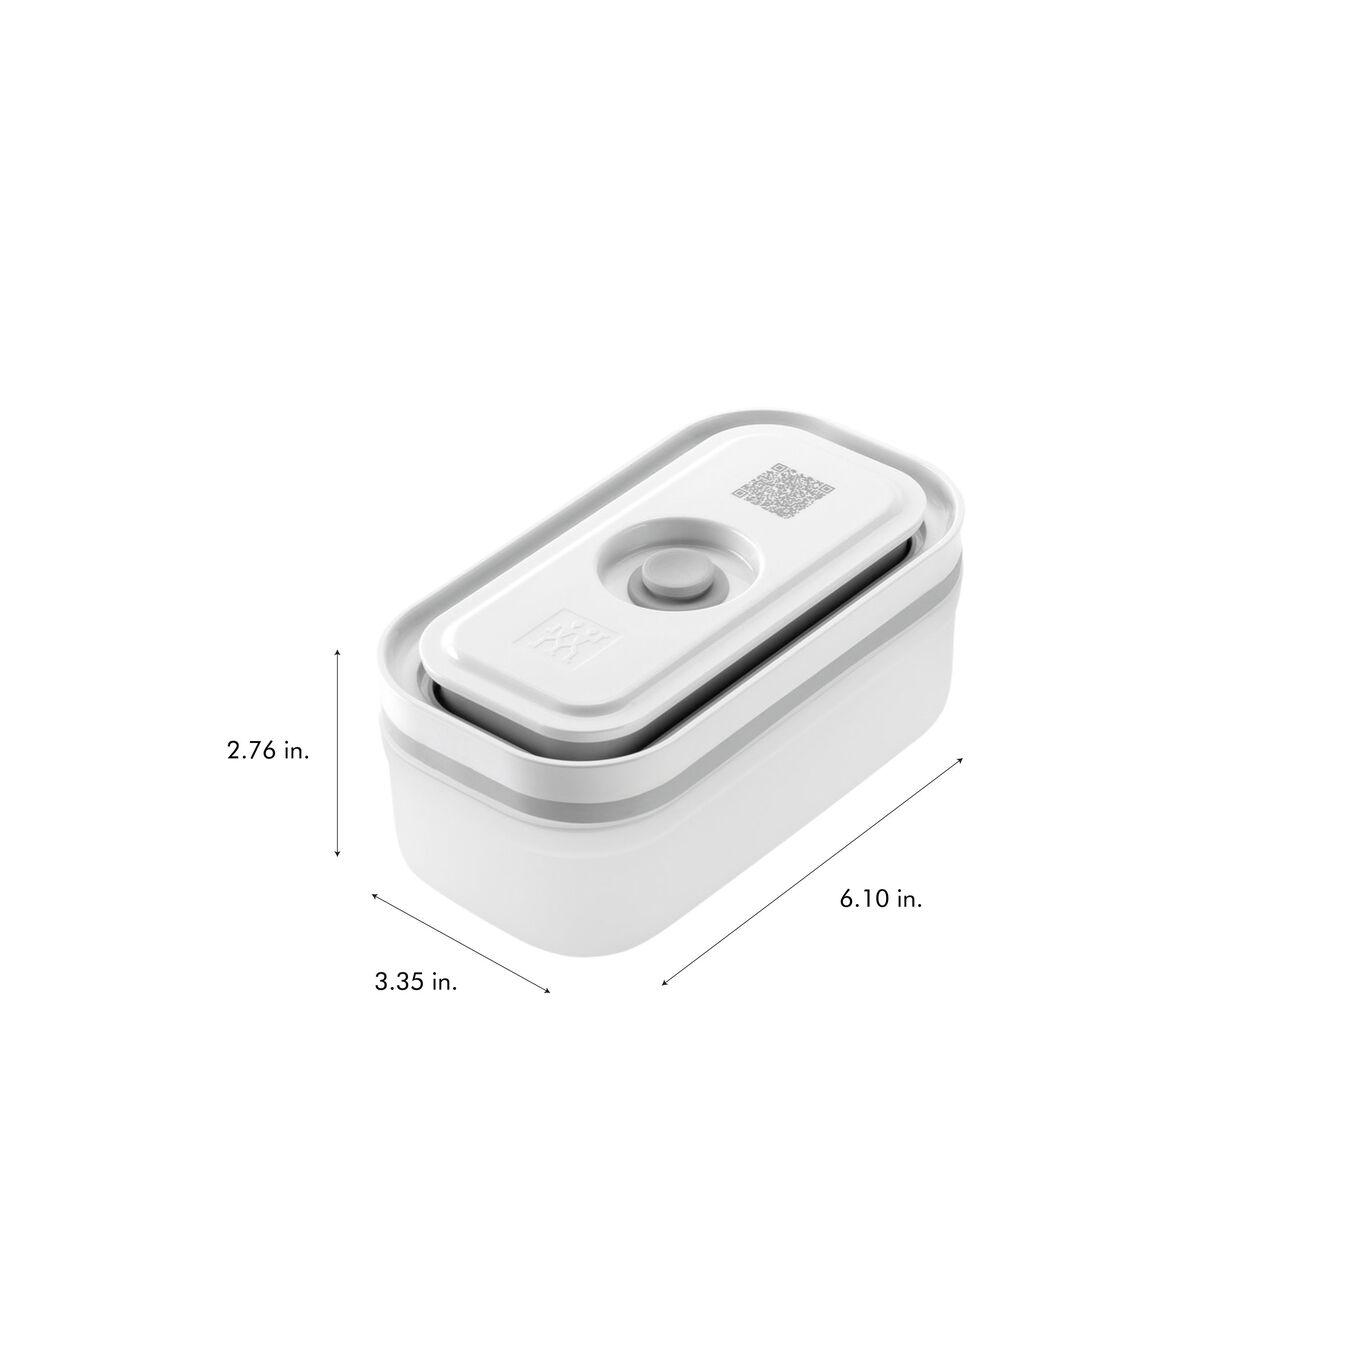 Vacuum Container Set, small/medium/large / 3-pc, Plastic, White,,large 9